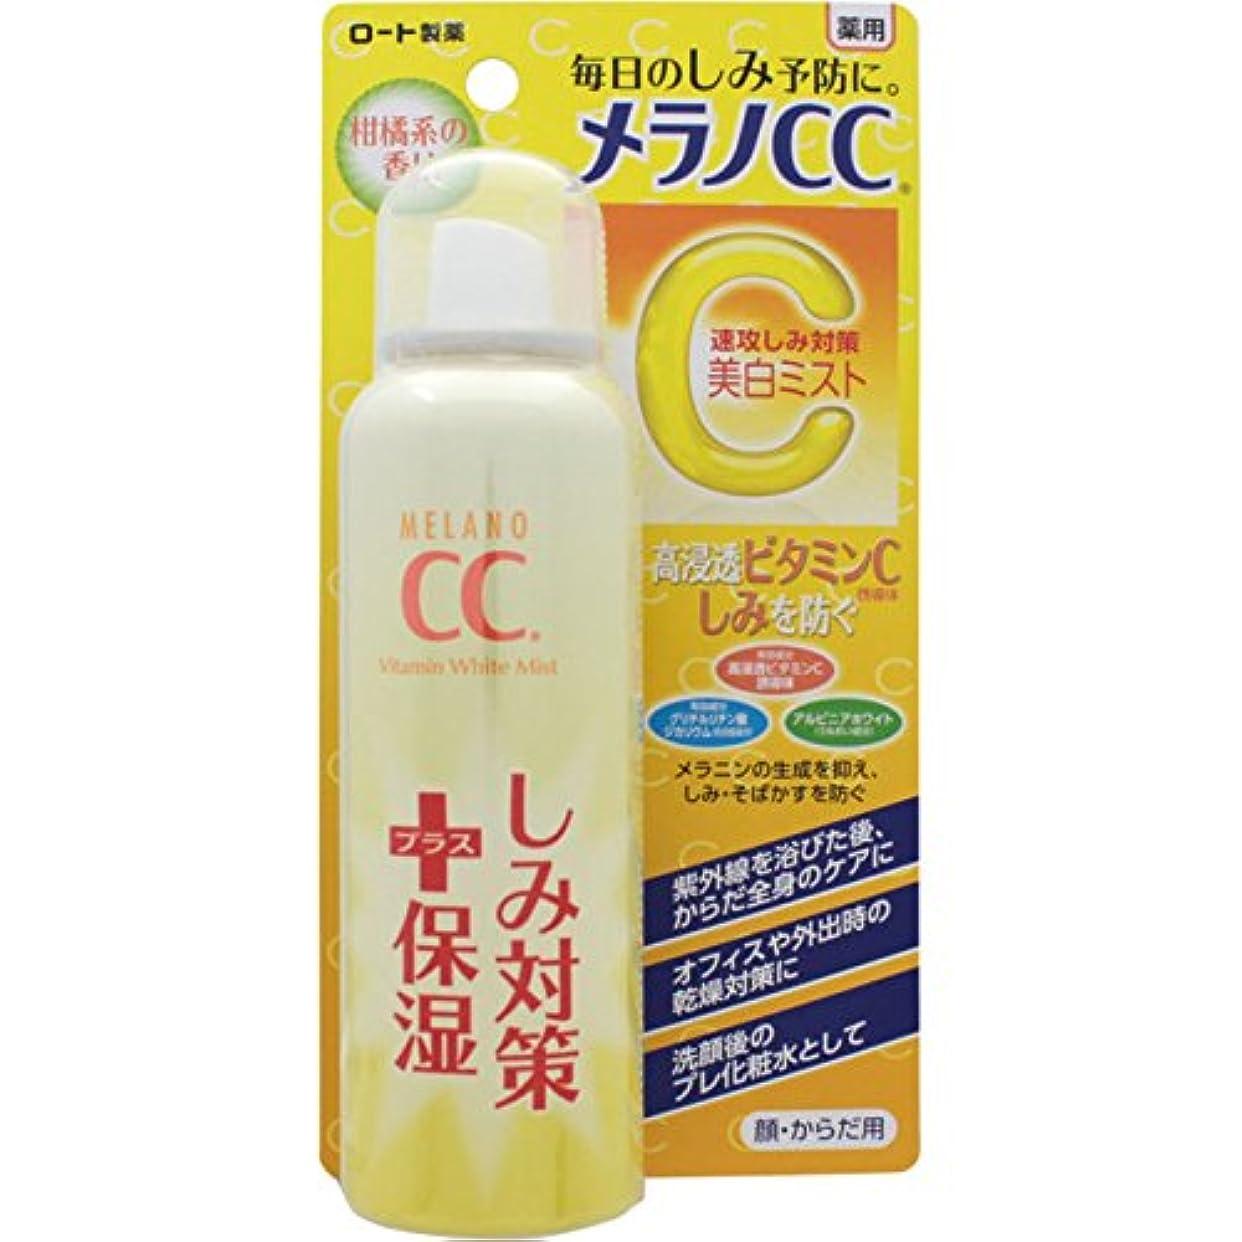 アーティキュレーションロマンス非アクティブ【医薬部外品】メラノCC 薬用しみ対策 美白ミスト化粧水 100g